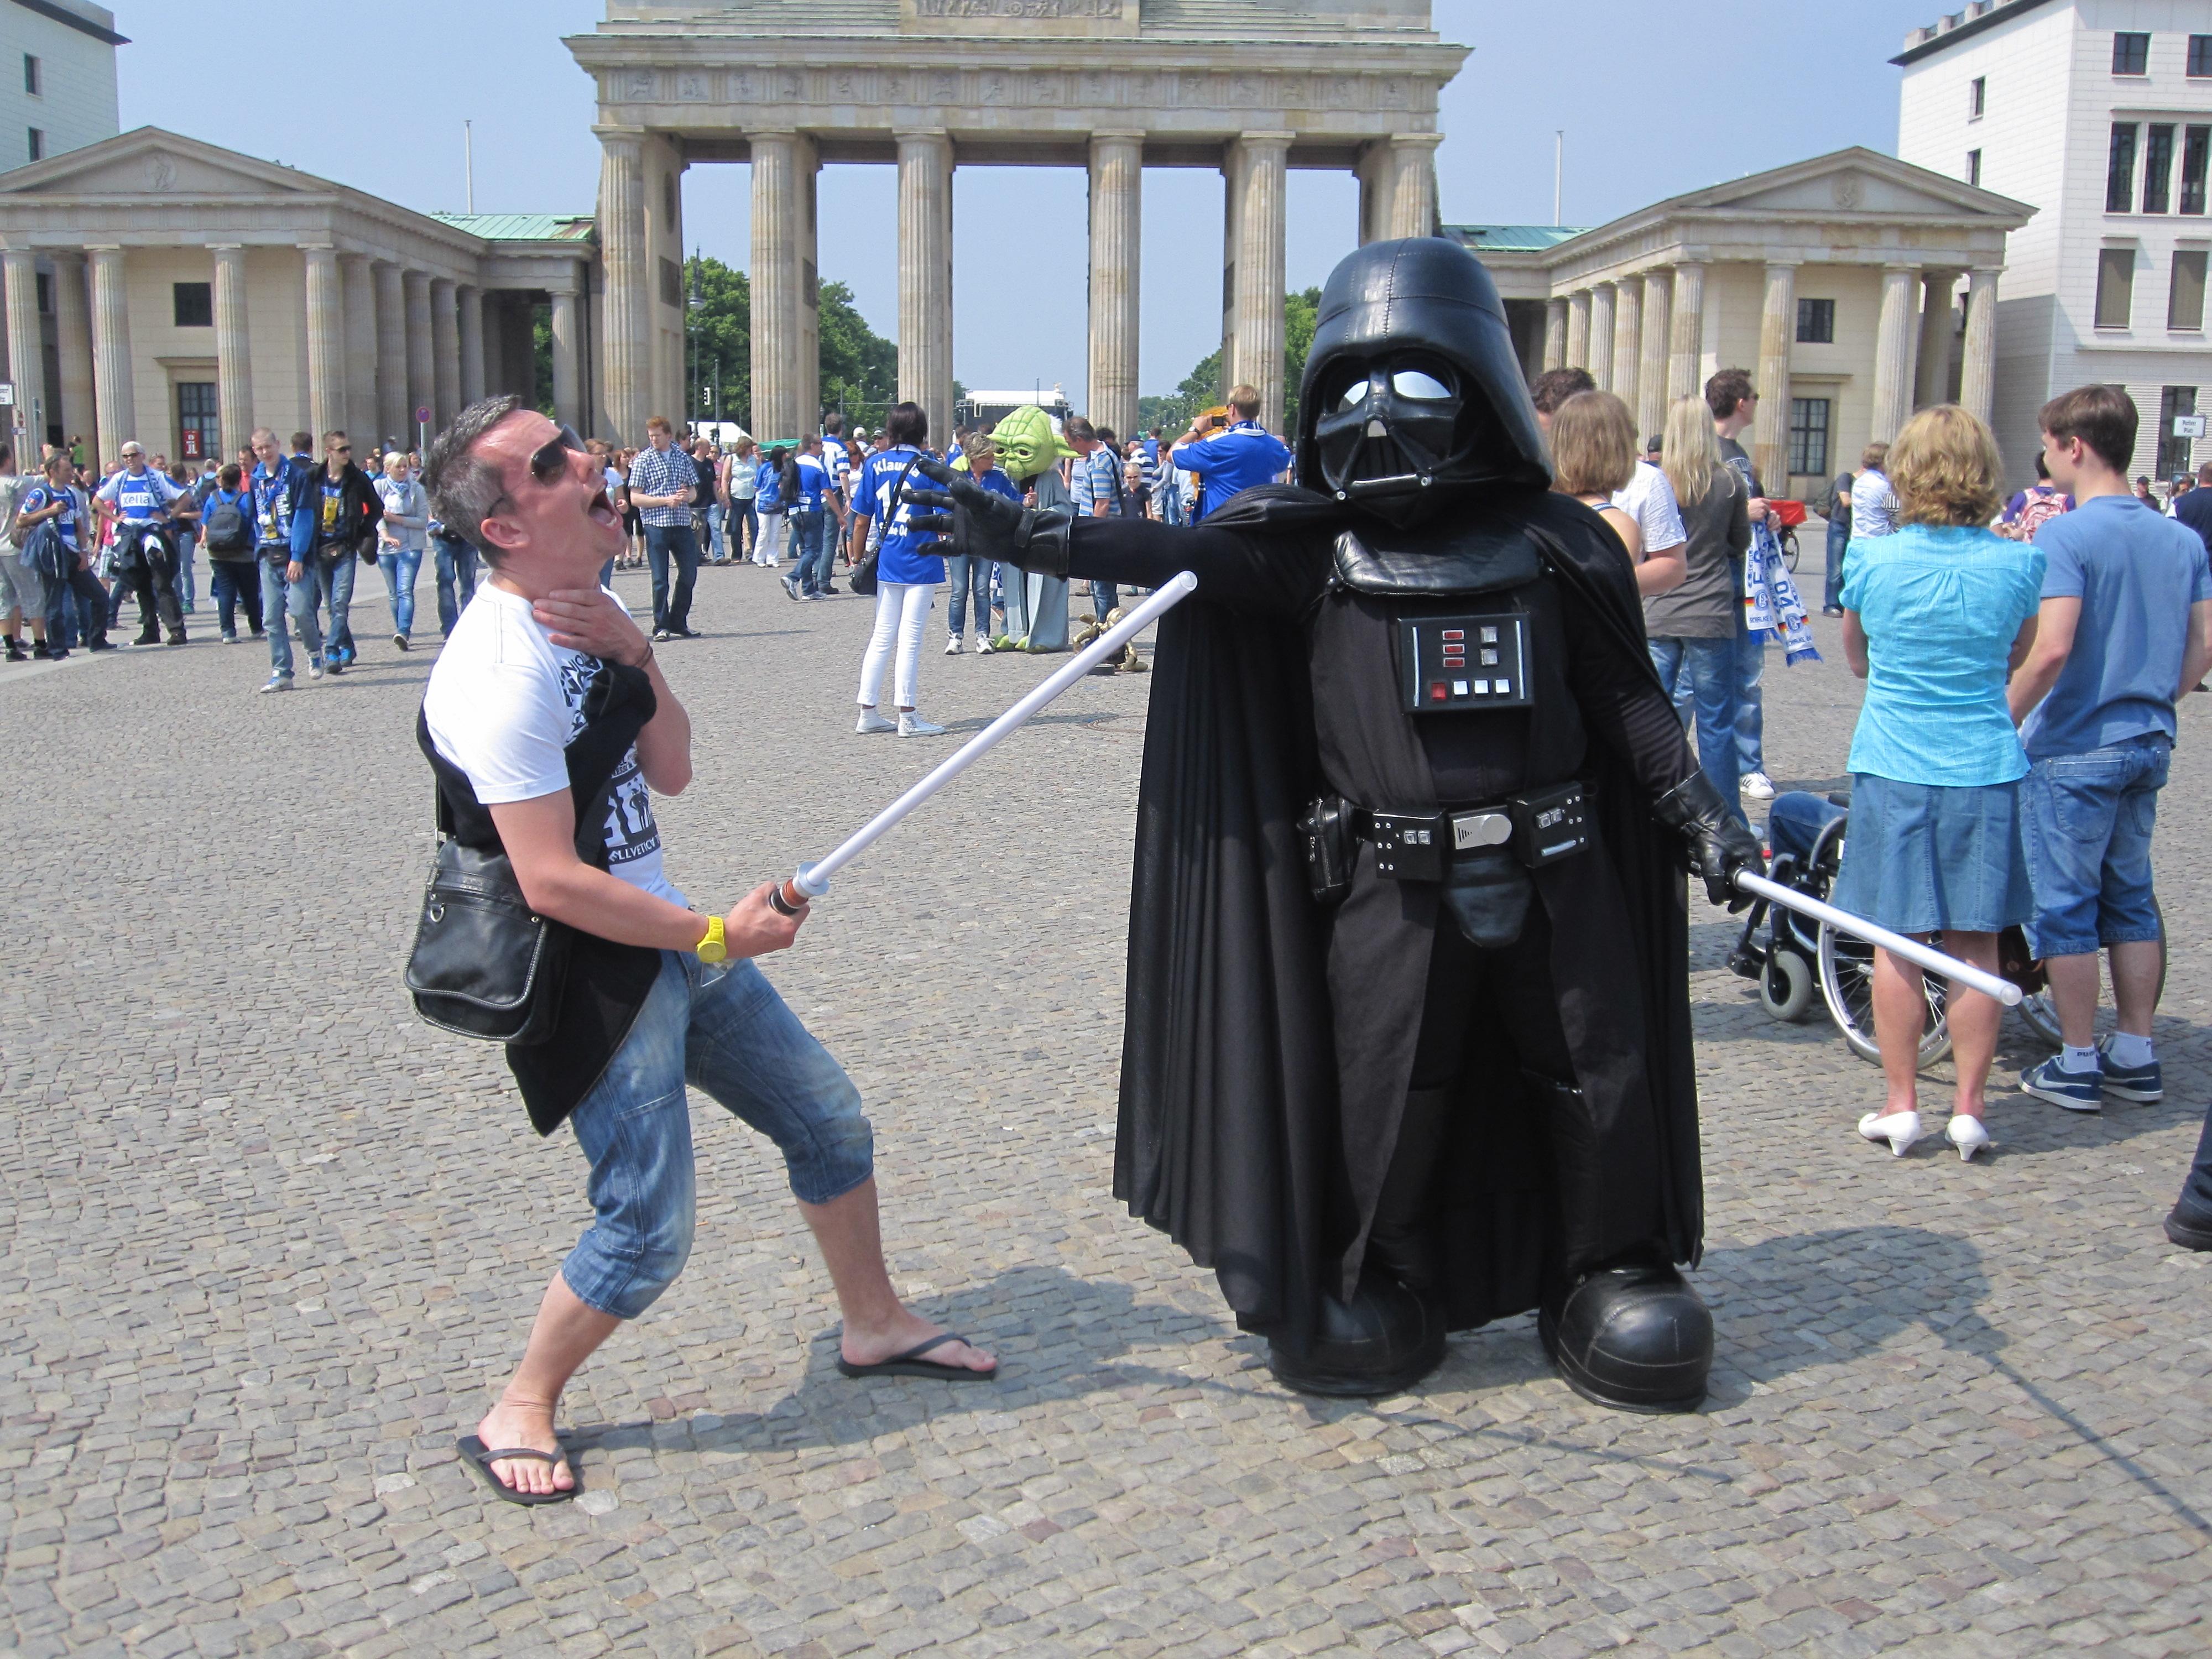 Afbeeldingsresultaat voor berlin funny